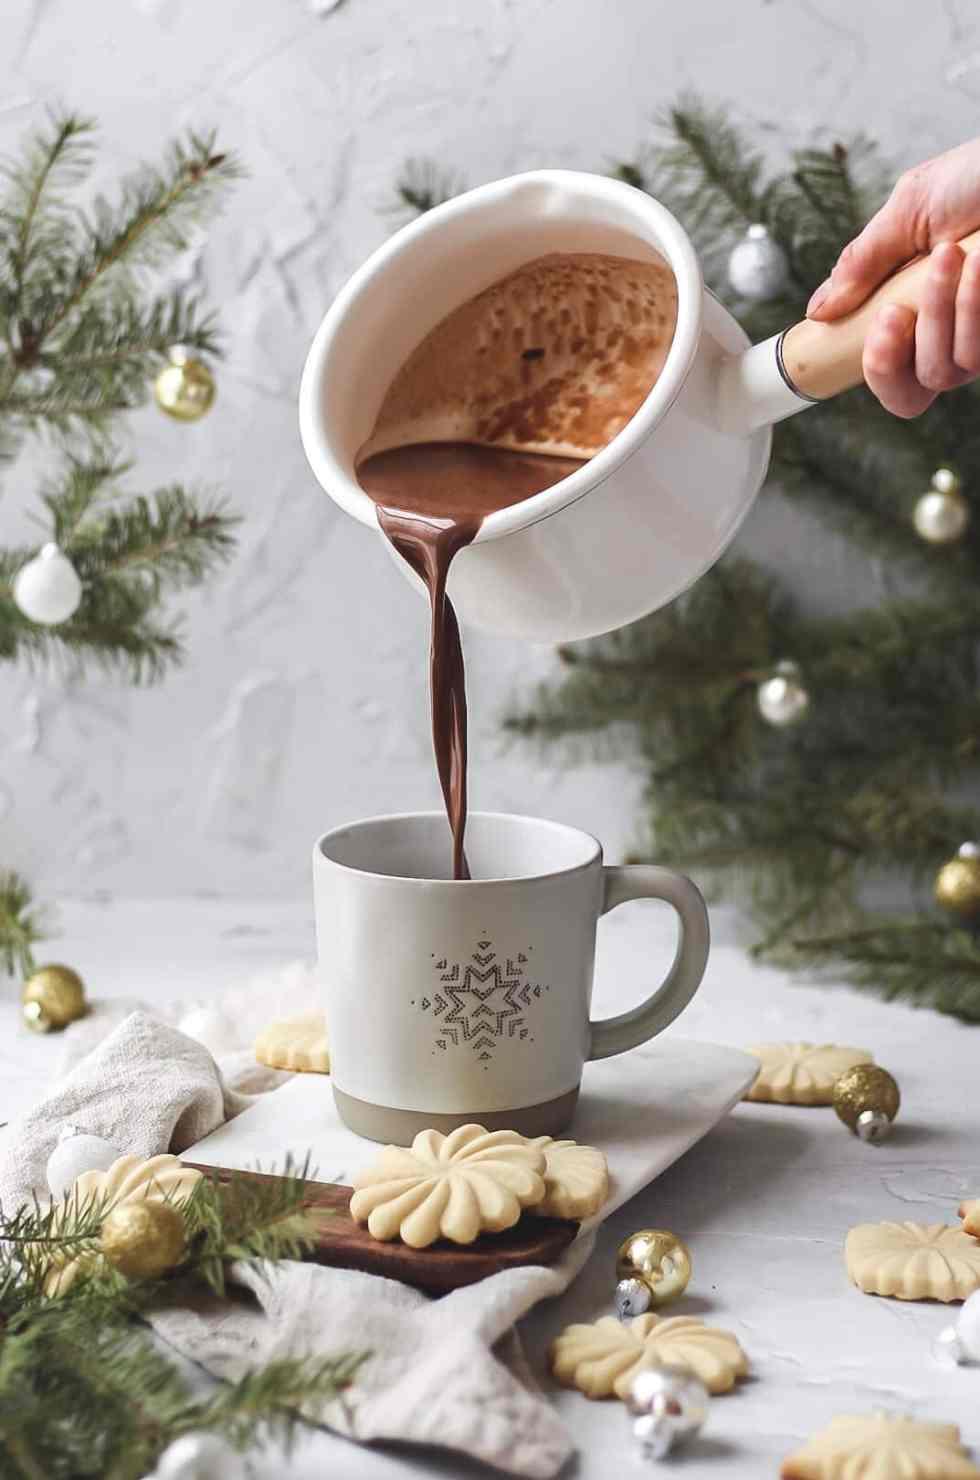 homemade cinnamon hot chocolate being poured into mug